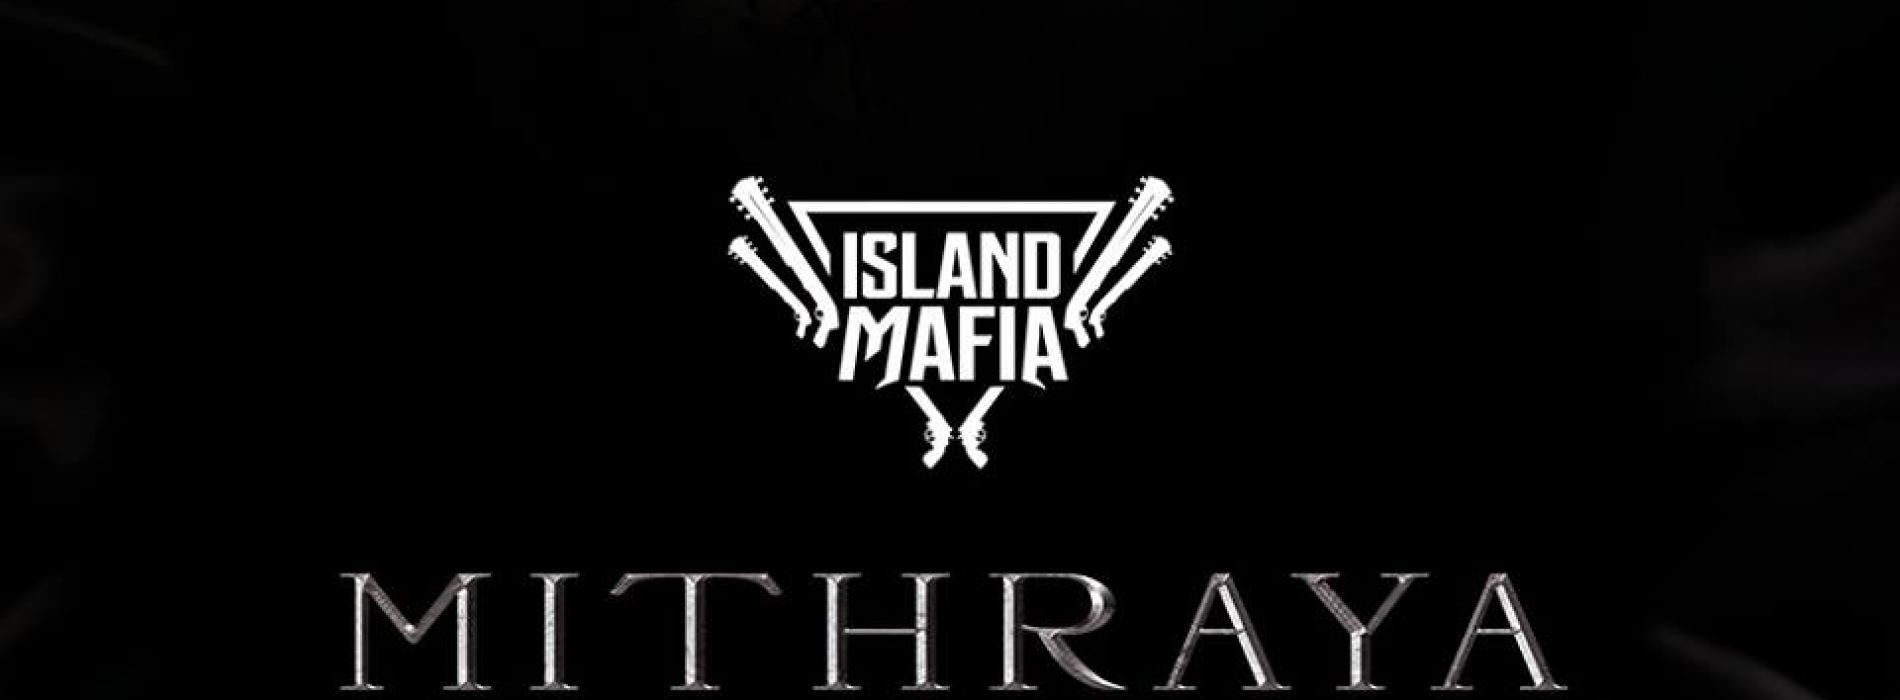 Island Mafia – 'Mithraya' Comes Soon